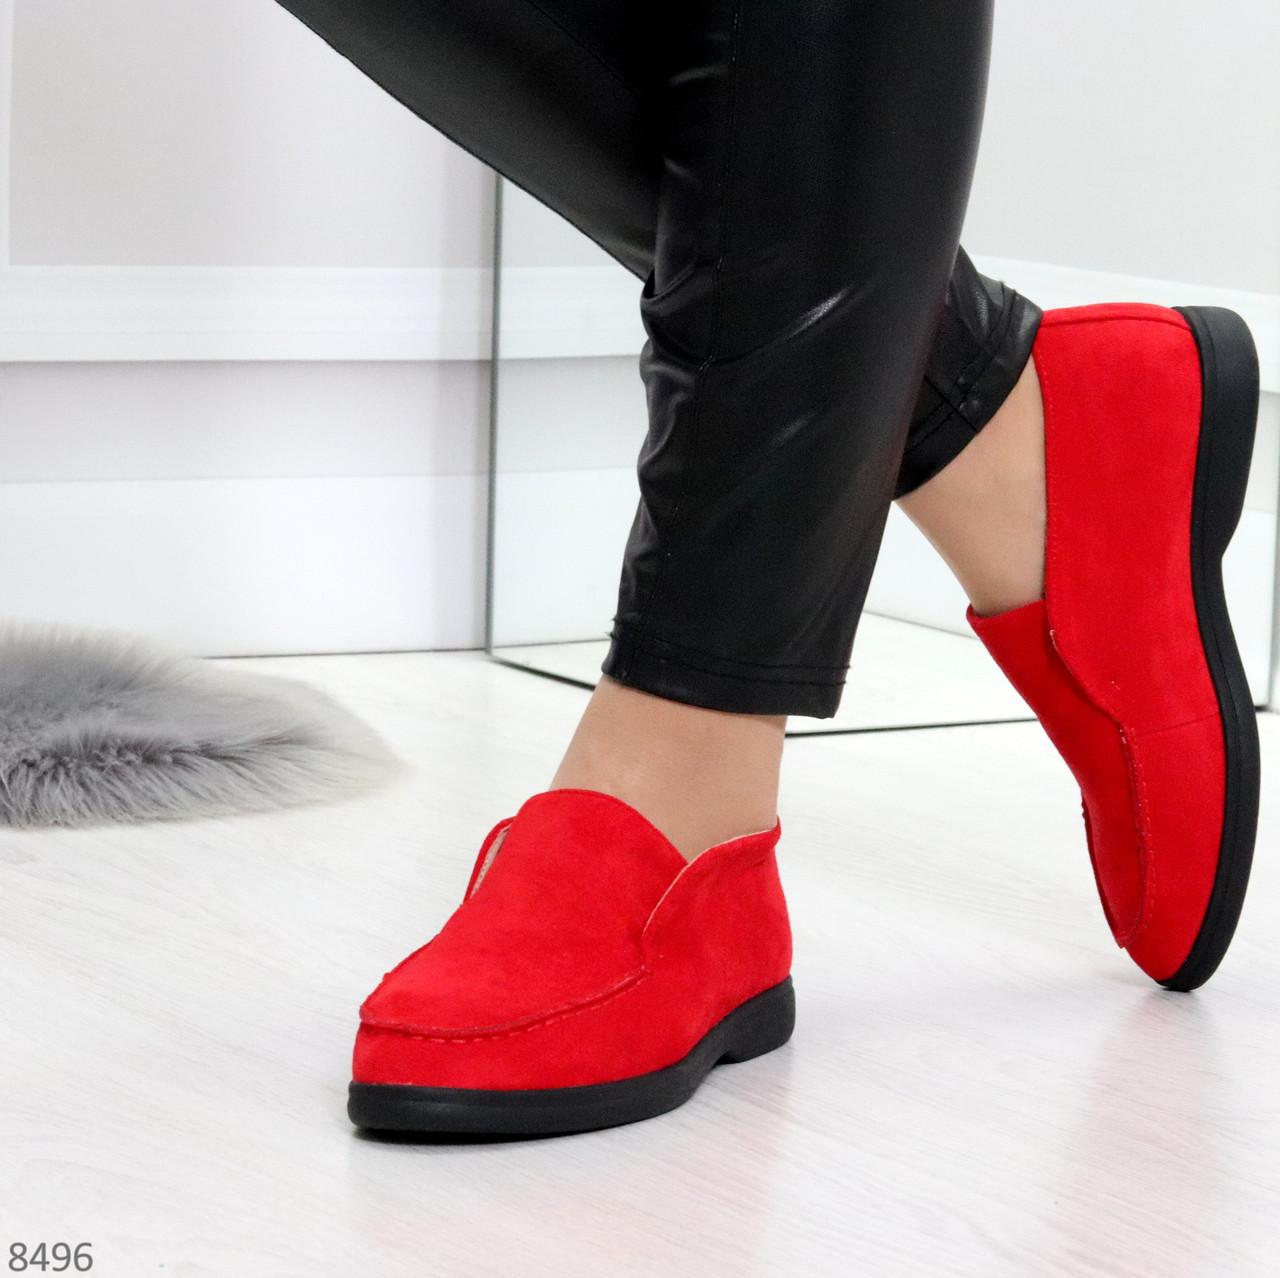 Удобные повседневные красные женские замшевые черные туфли мокасины автоледи